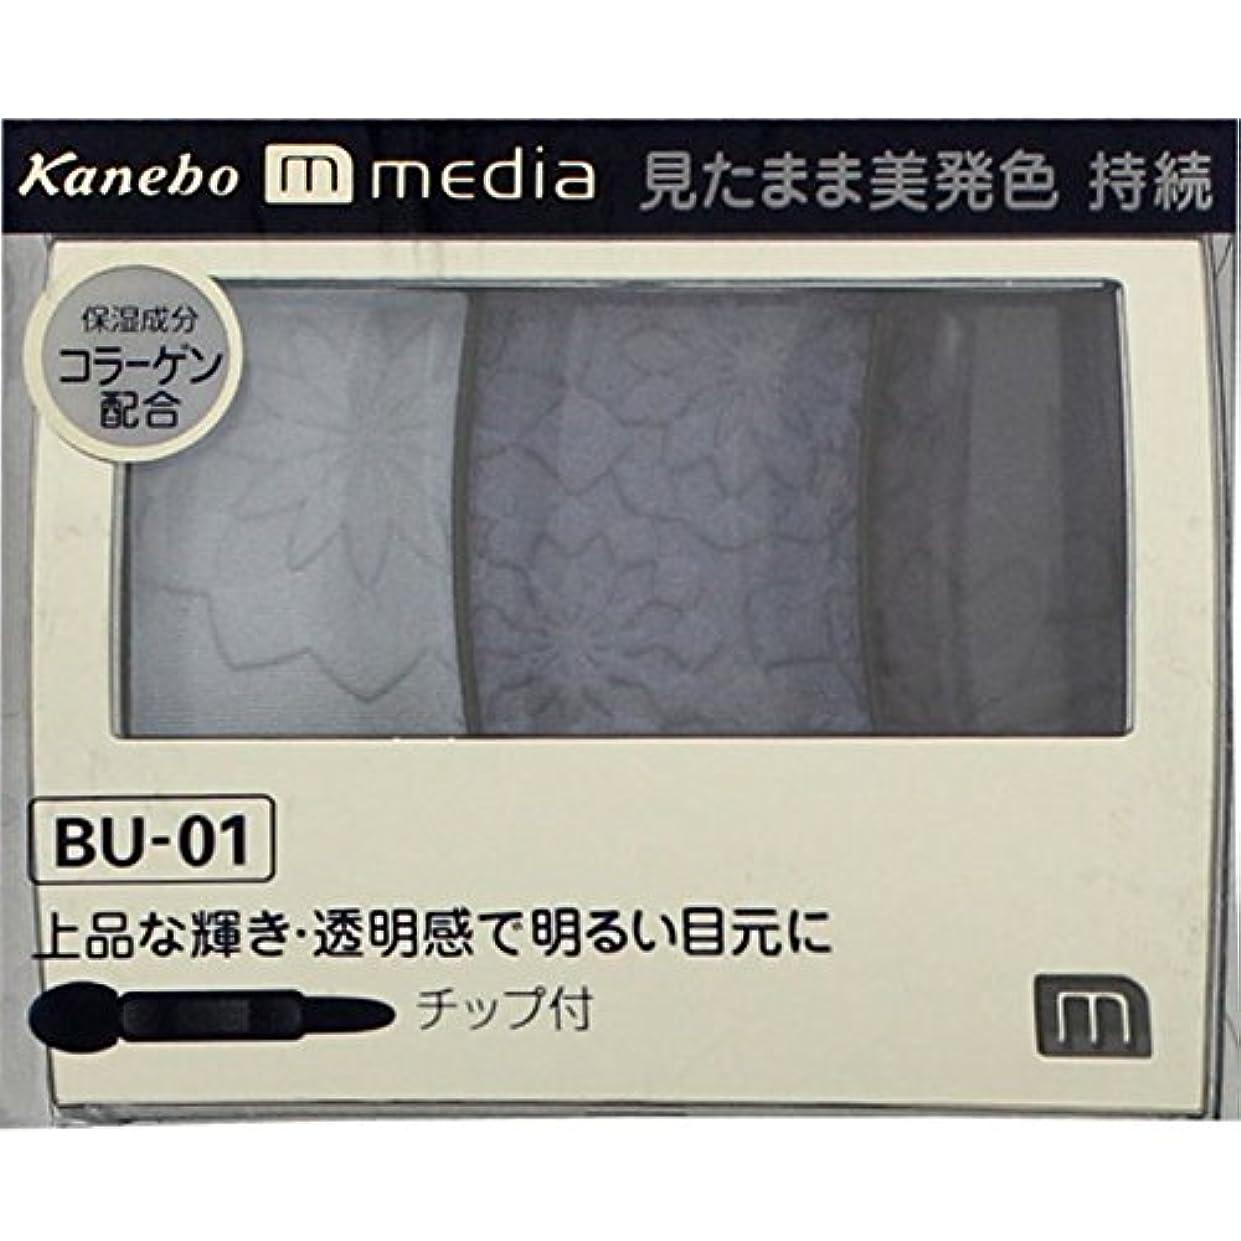 機転助けになる磁気【カネボウ】 メディア グラデカラーアイシャドウ BU-01